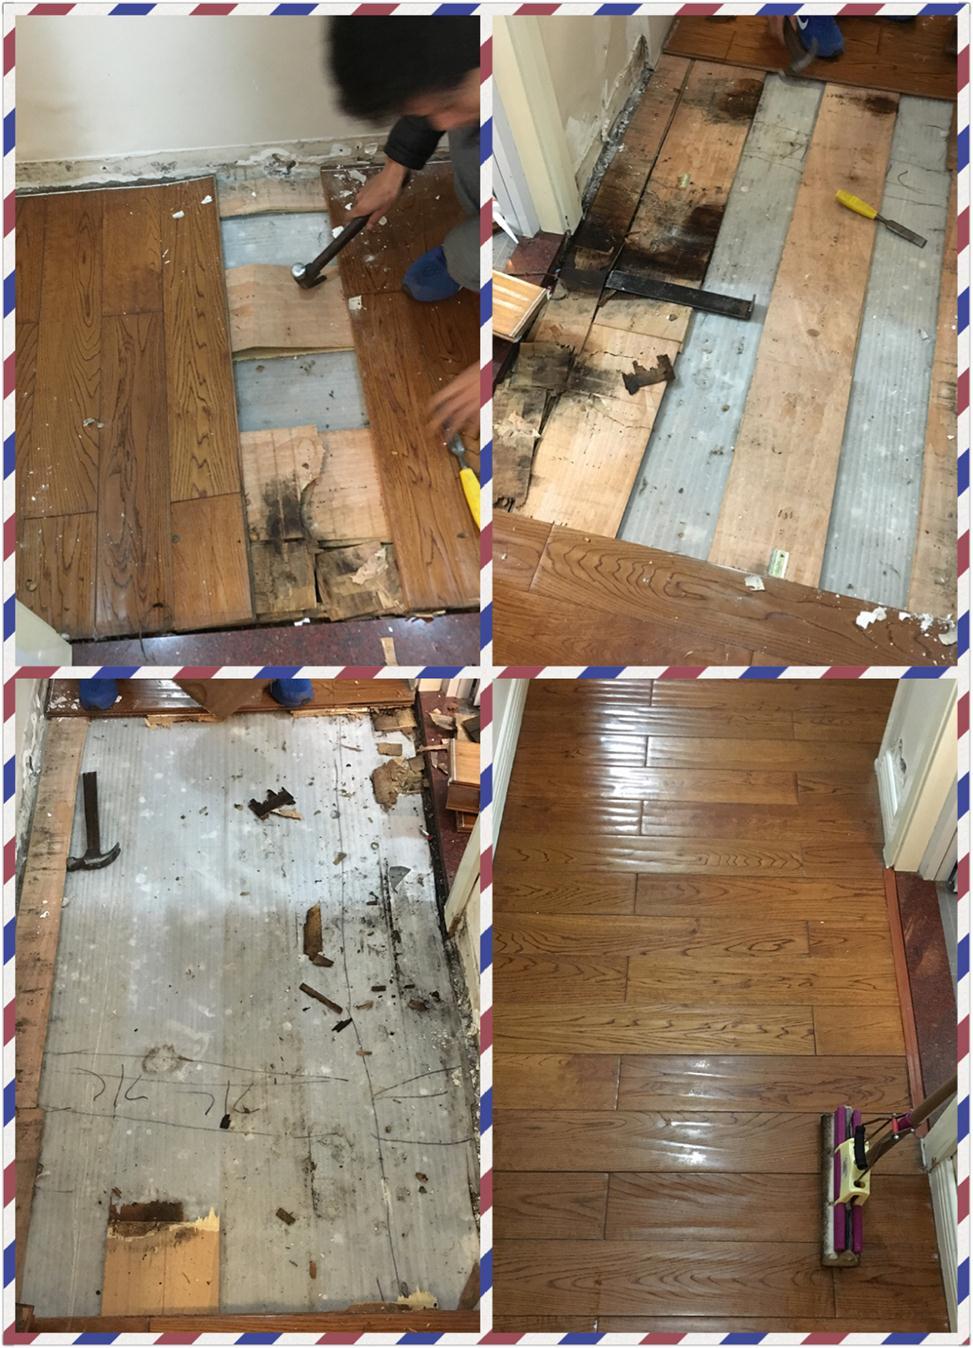 蛇口竹子木地板维修电话号码